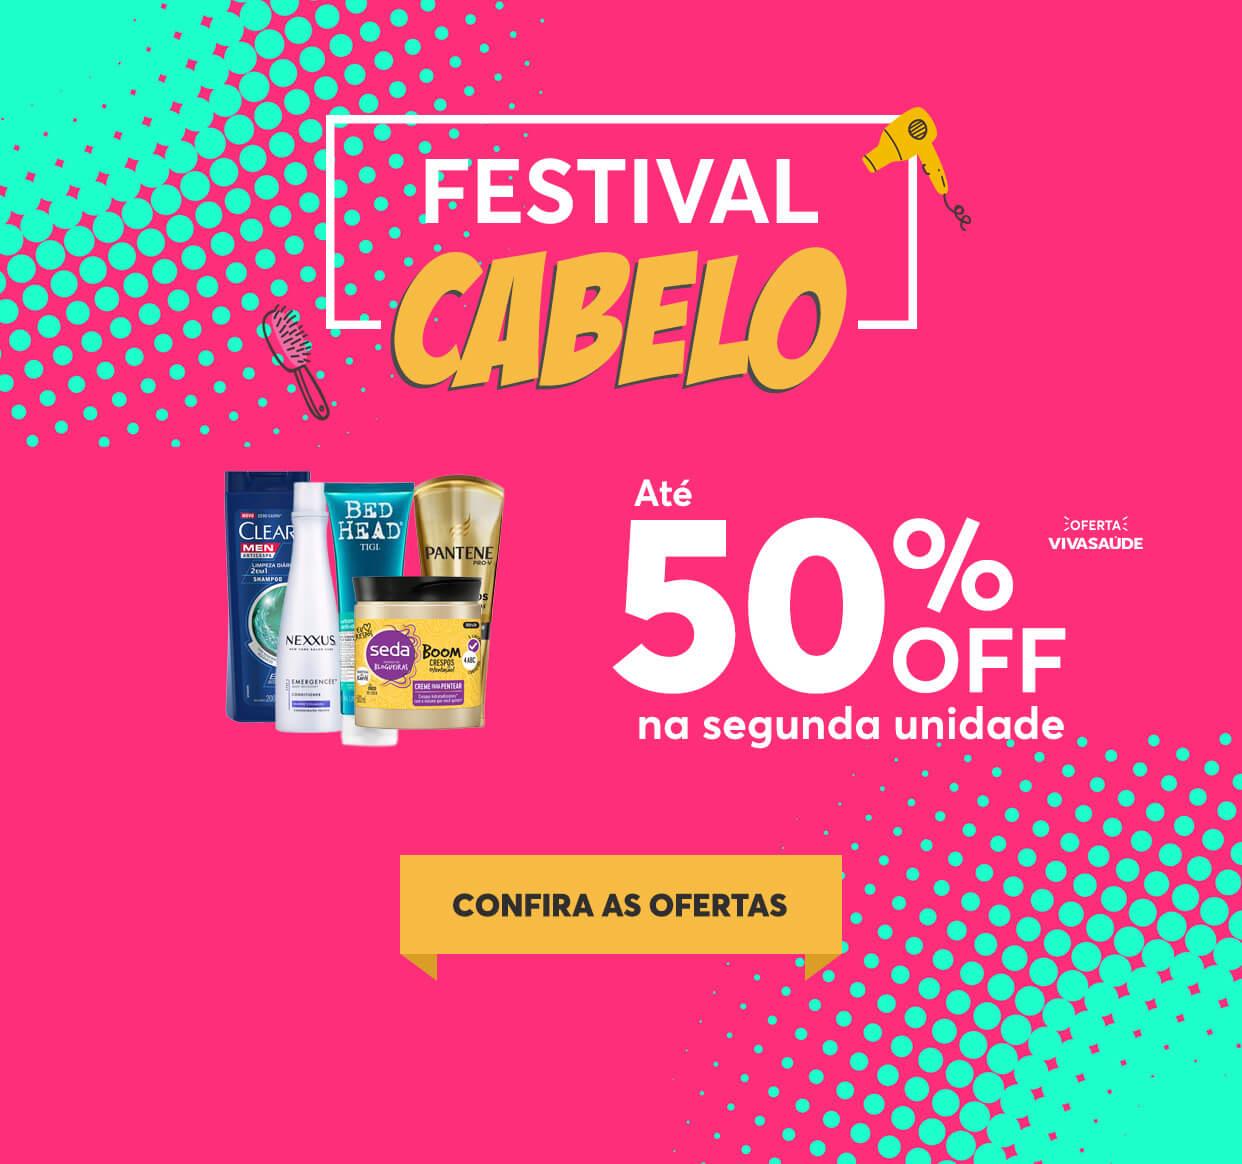 FESTIVAL DO CABELO